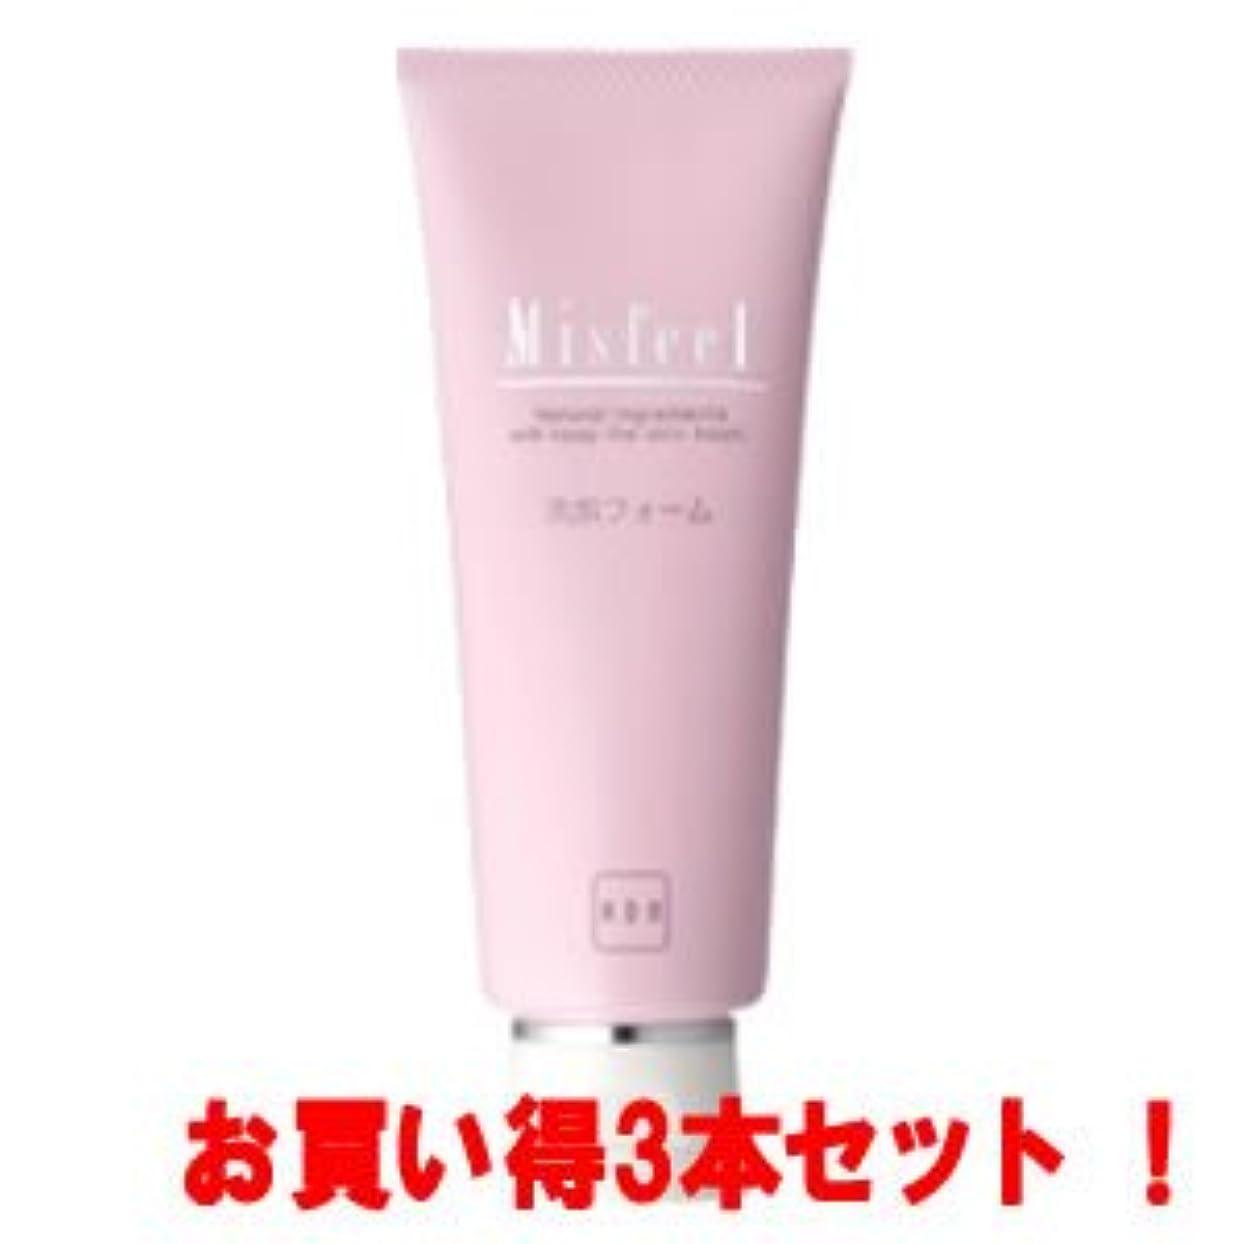 コンパイル作者ショルダー(アサバ化粧品)ミズフィール 洗顔フォーム100g(お買い得3本セット)